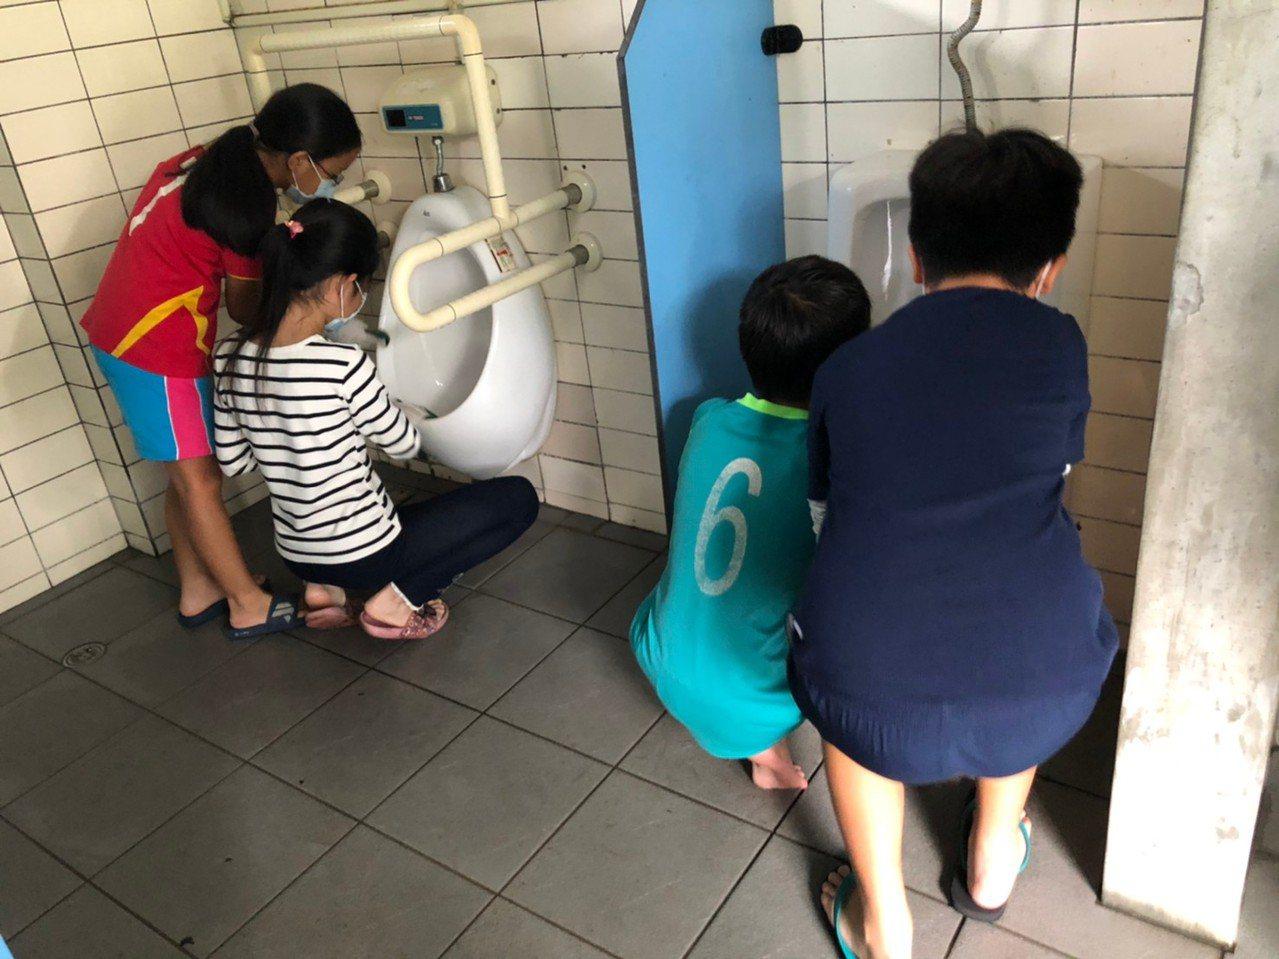 大小志工用手探入便斗深處,挖出陳年髒污,徹底清掃。 圖/台灣美化協會提供